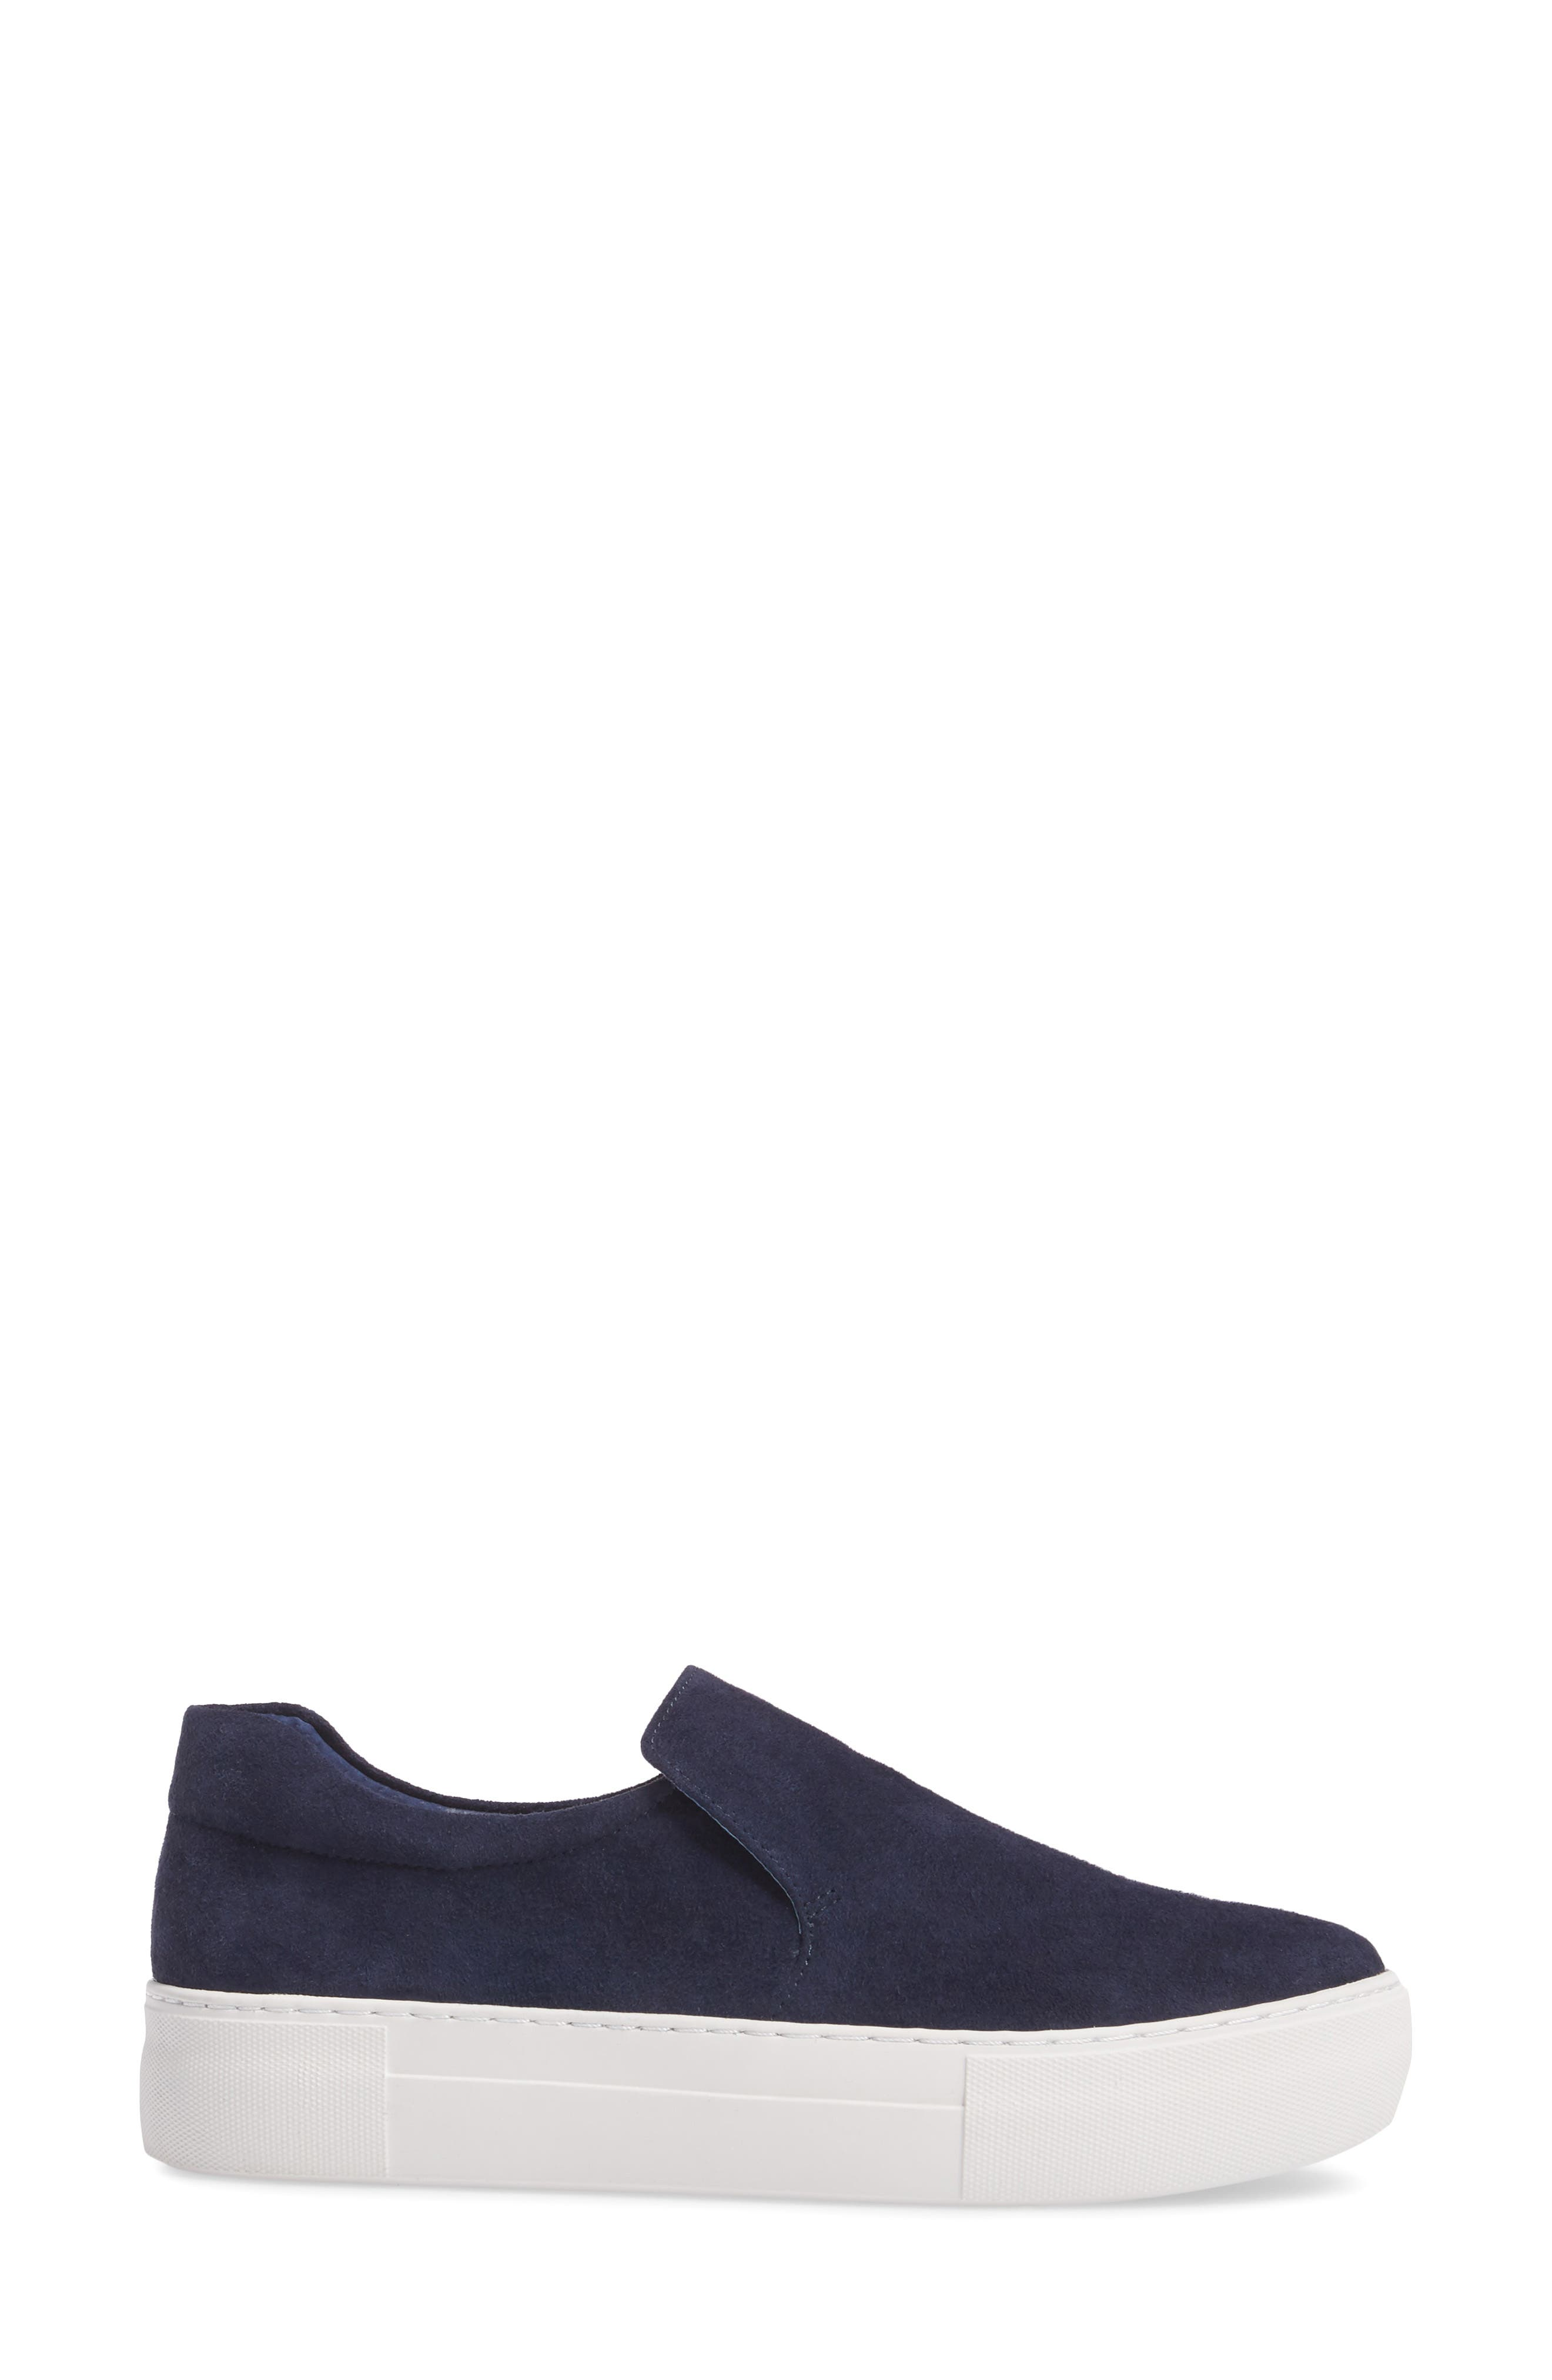 J/Slides   Acer Slip-On Sneaker